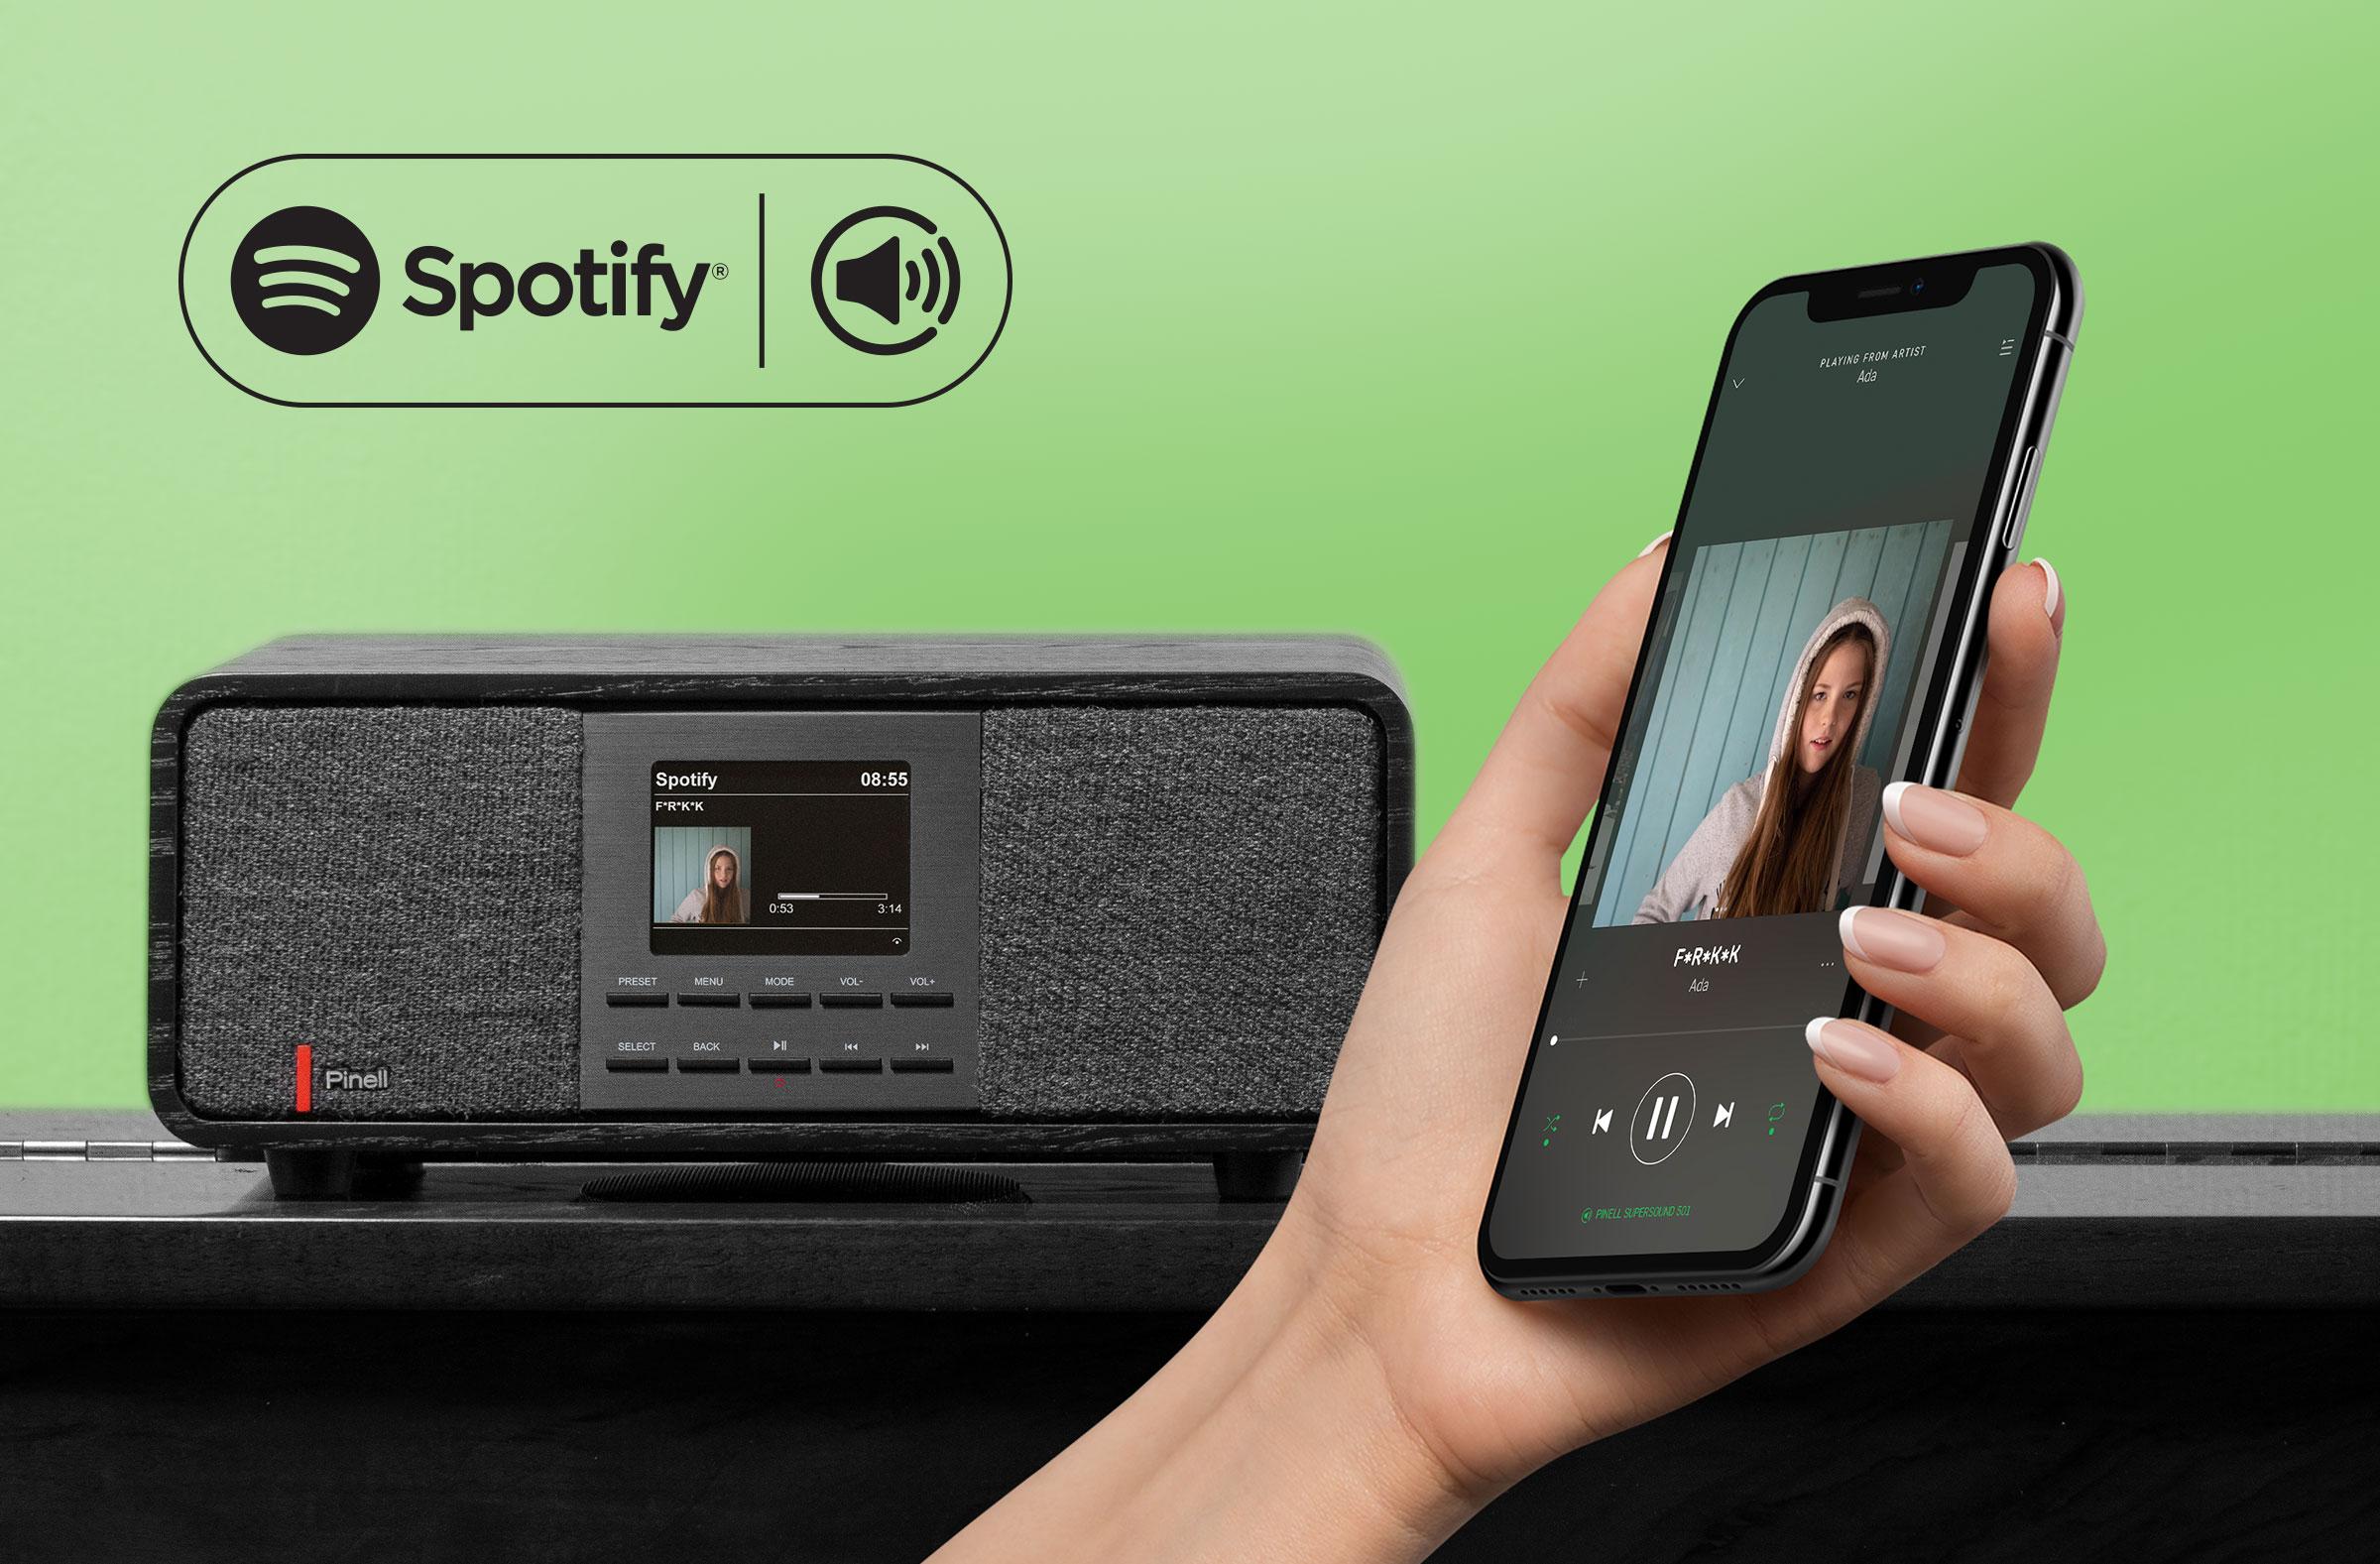 Lytt til det enorme  Spotify -biblioteket. Styr musikken på SUPERSOUND 501 ved hjelp av Spotify-appen på telefonen eller nettbrettet.